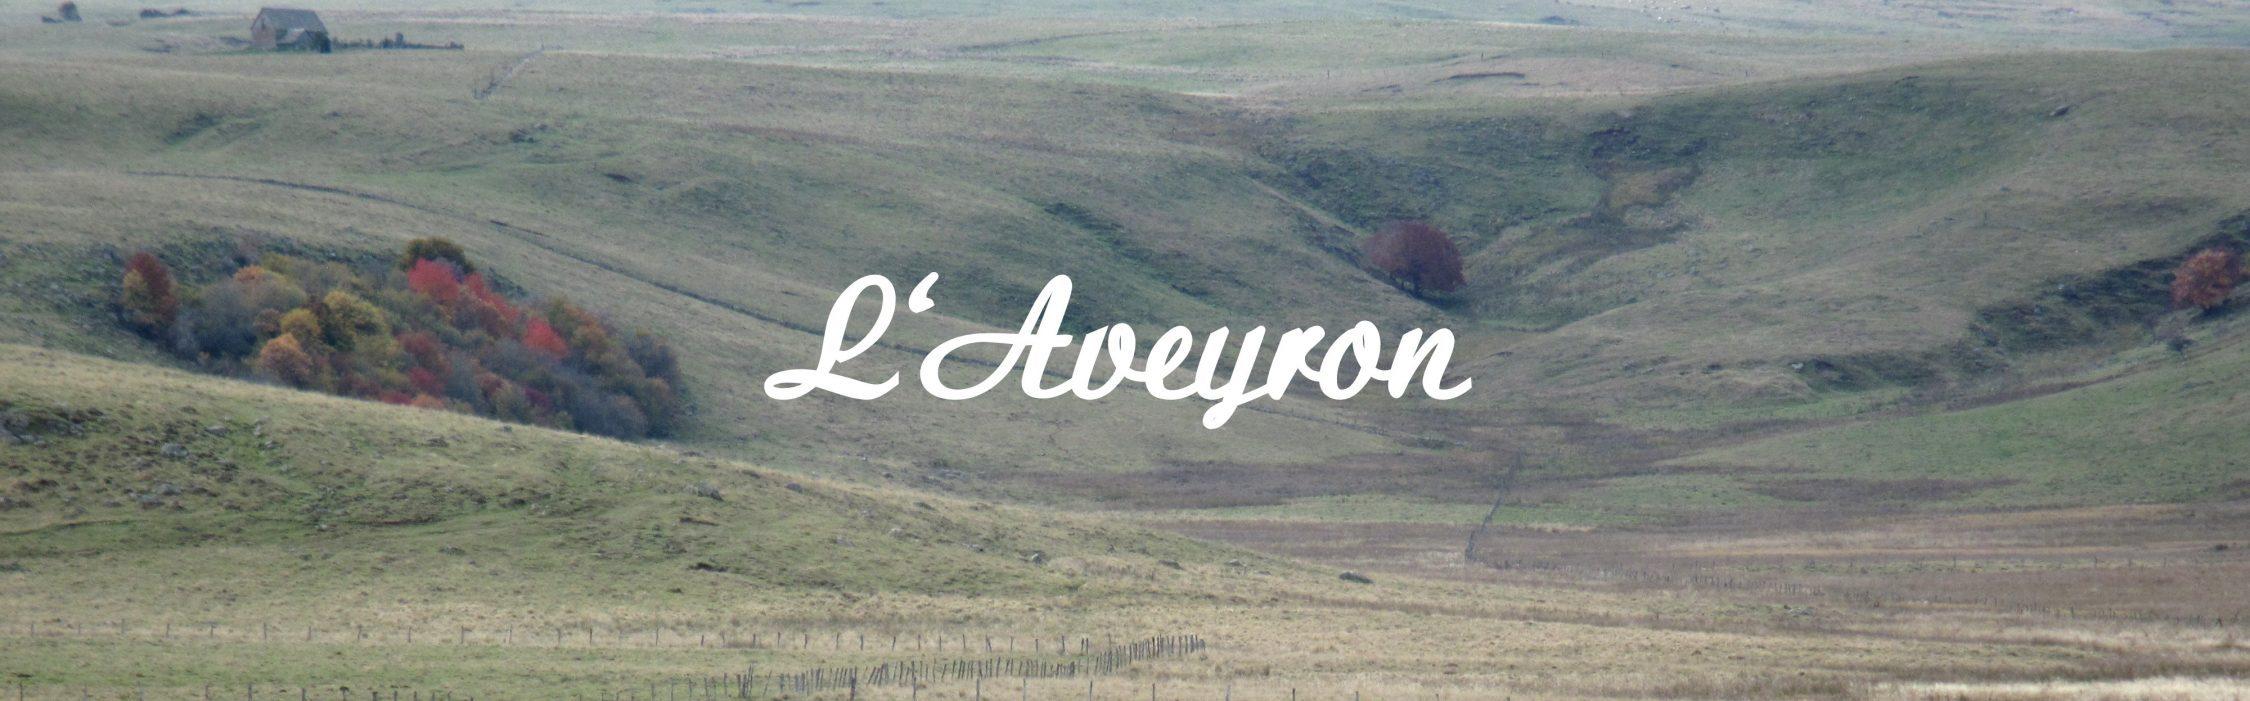 Een foto van de pagina over de Aveyron (Frankrijk) op de site Renske Cramer Creatief